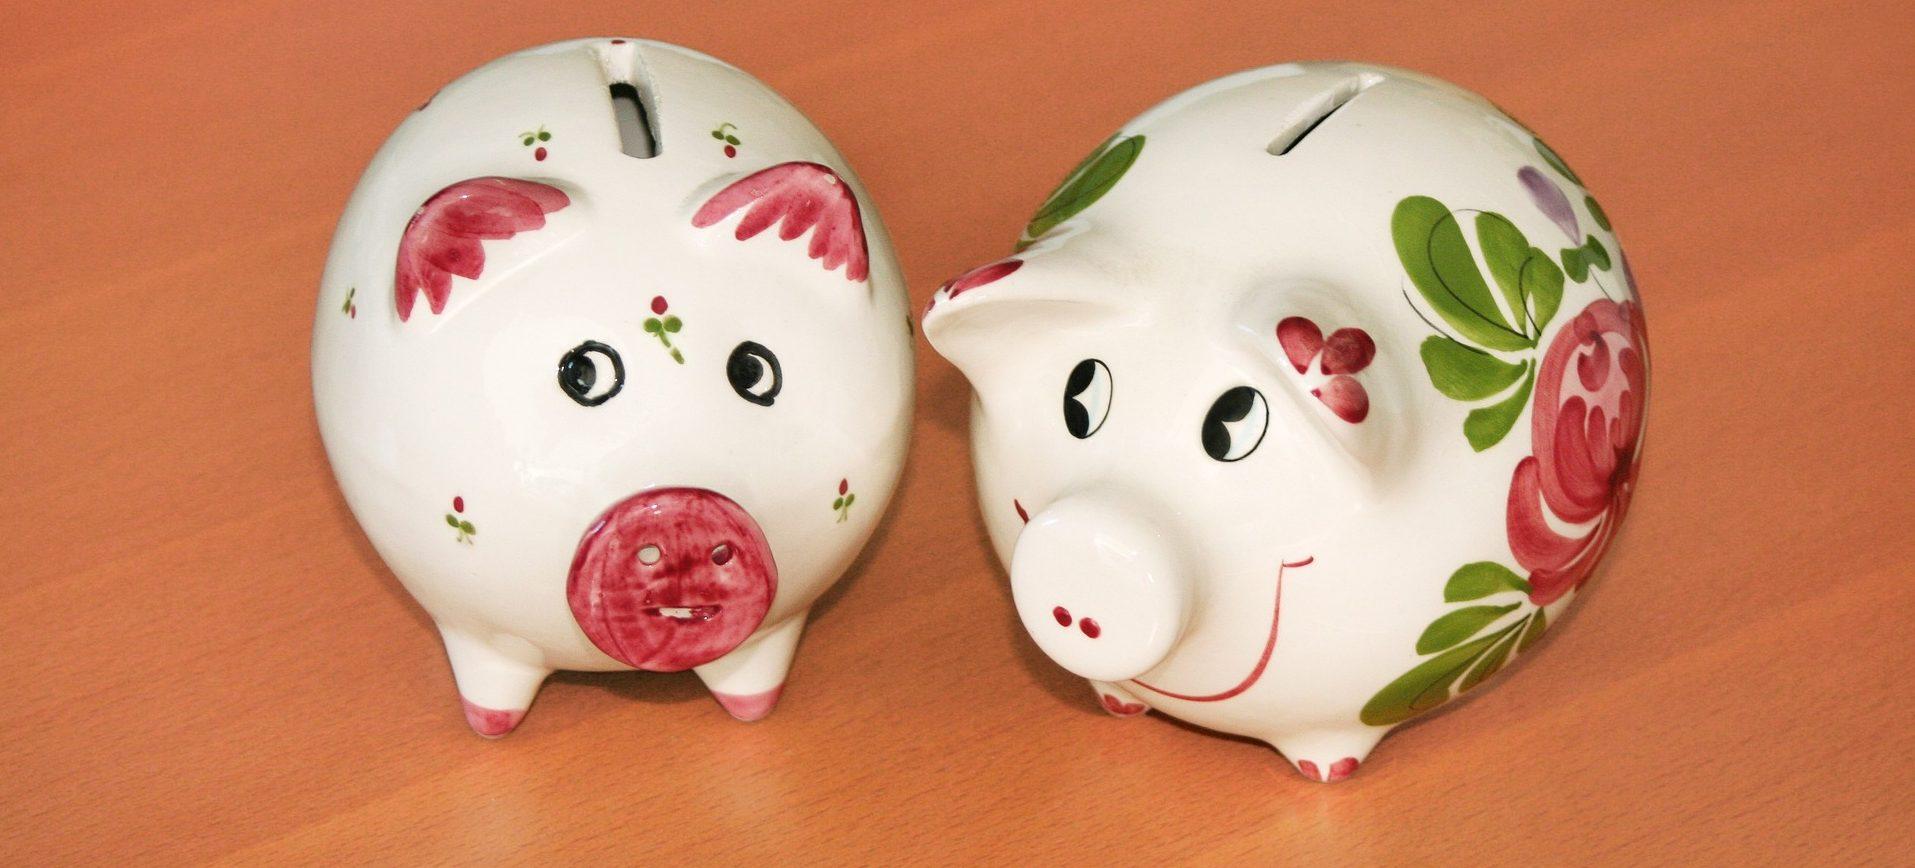 piggy-bank-968192_1920